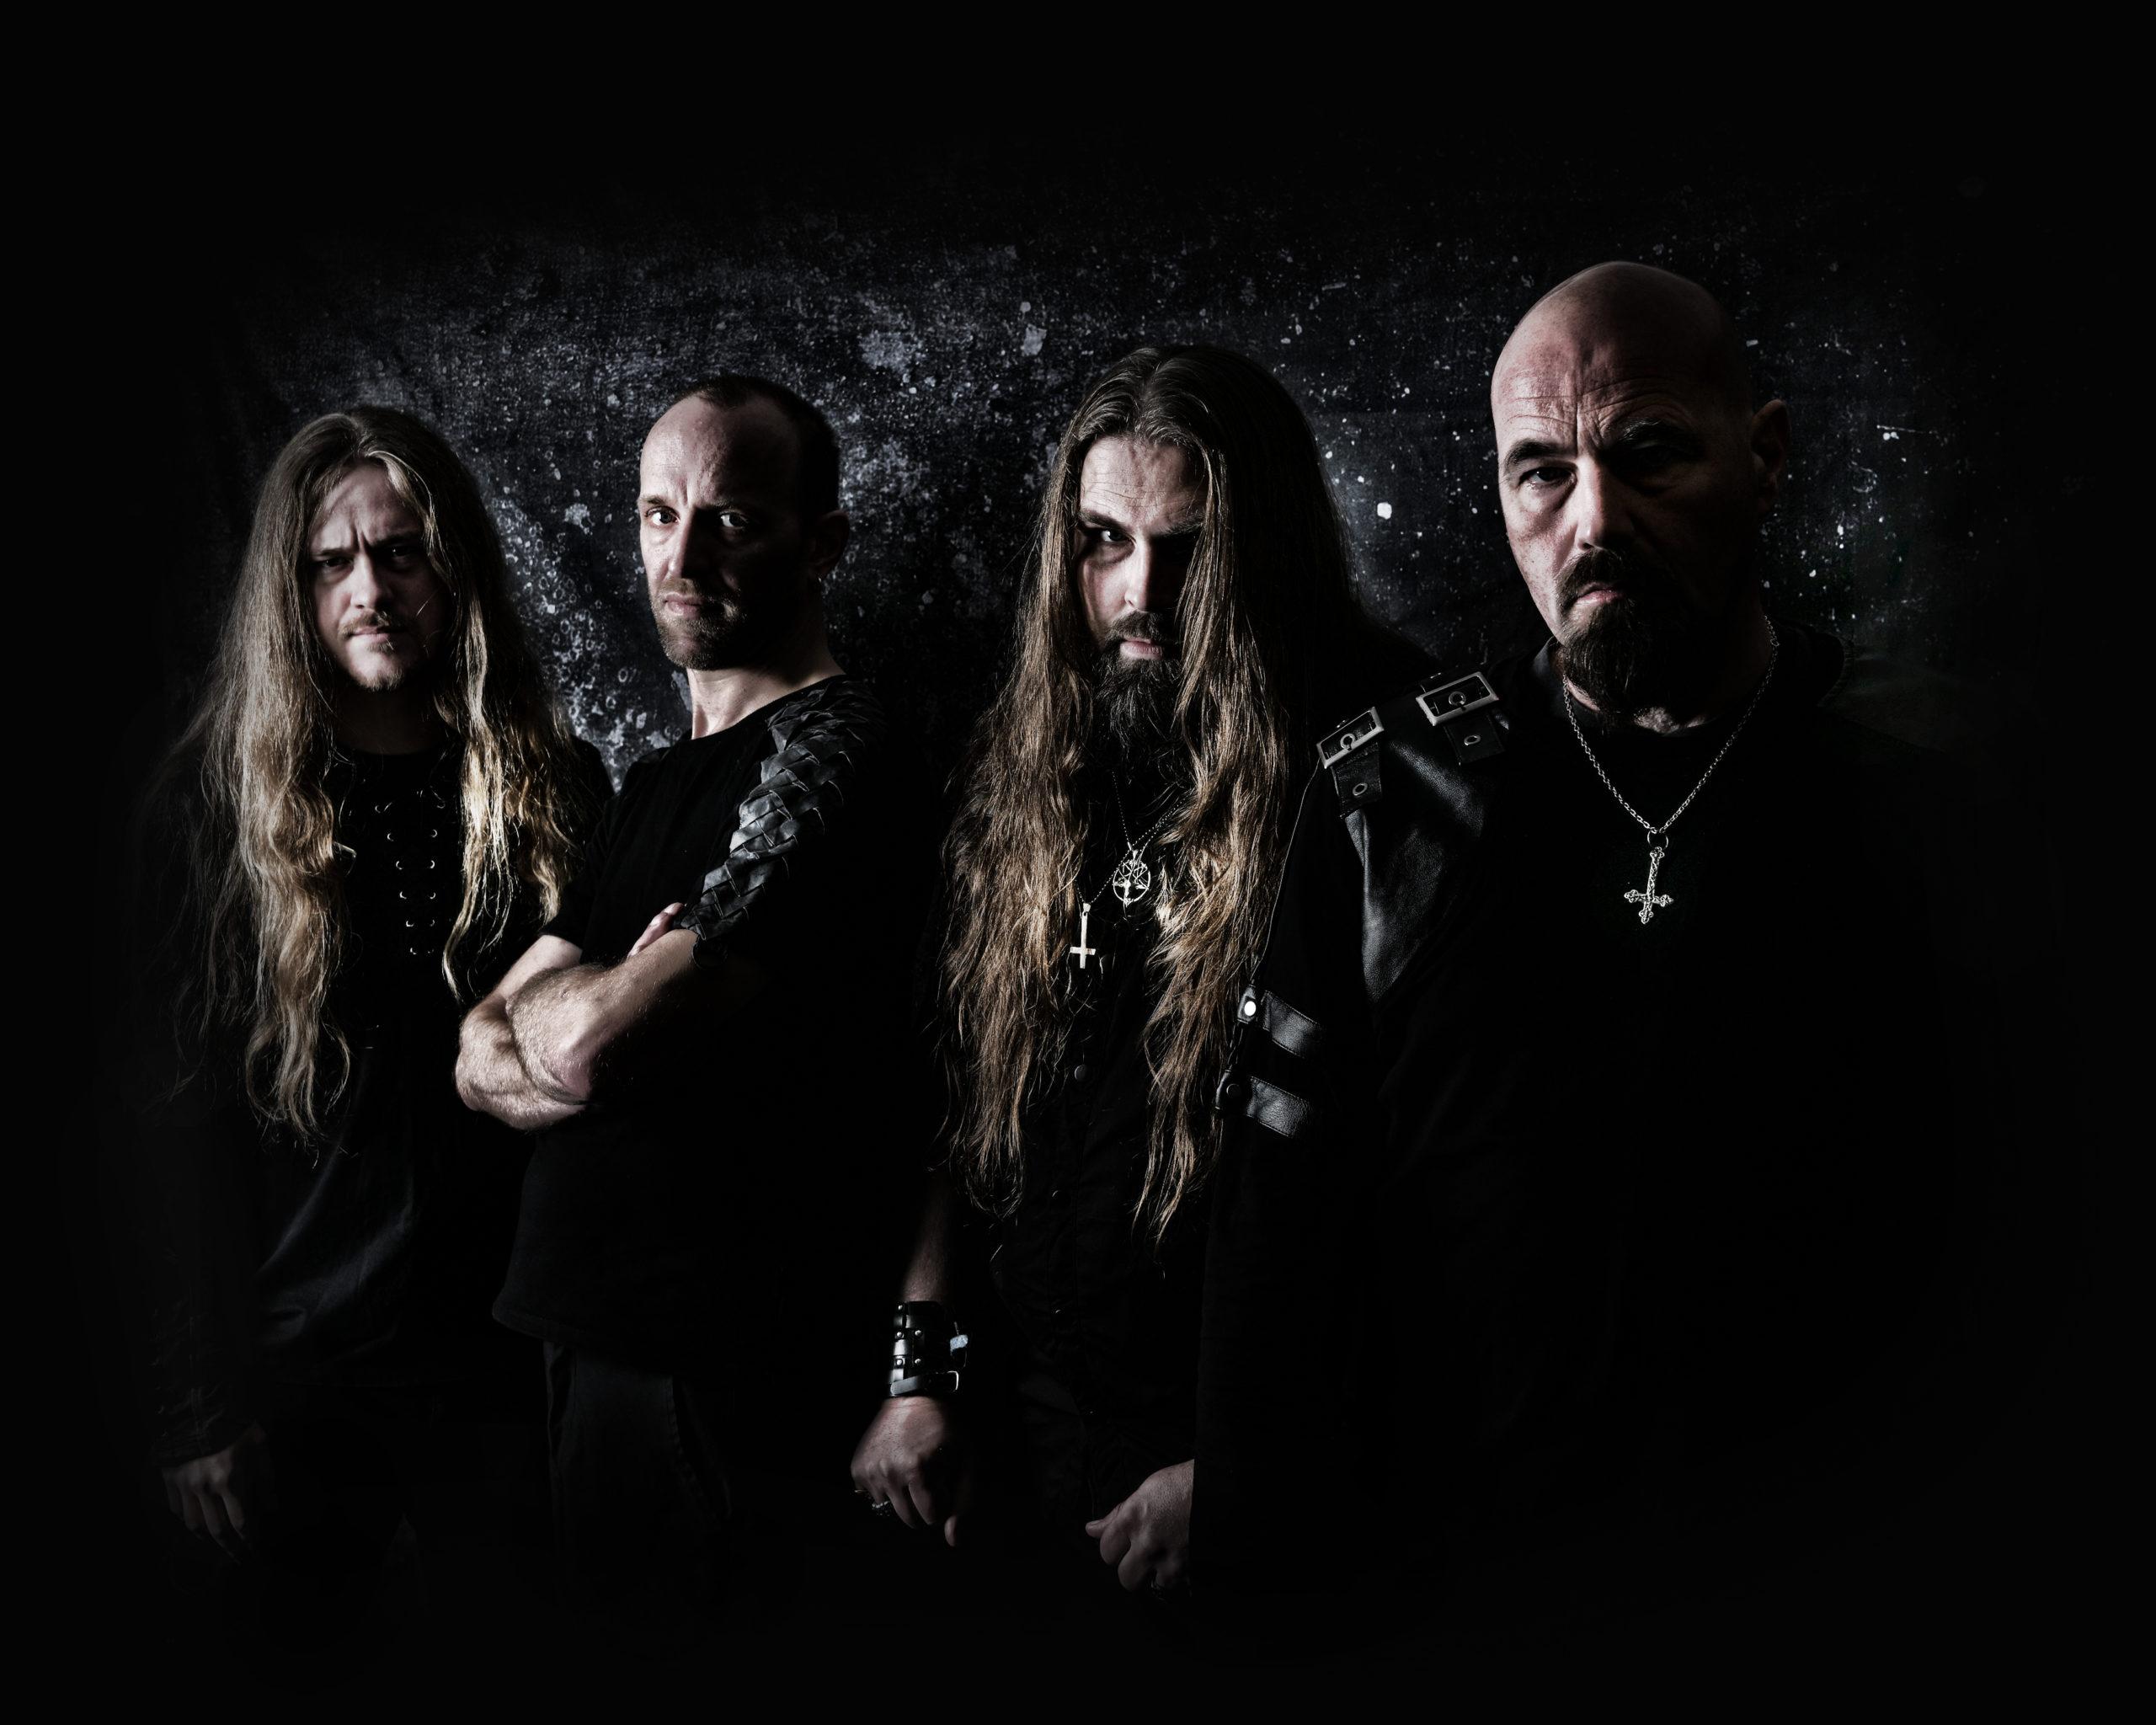 Βίντεο για το νέο τραγούδι 'Spirit Of Beelzebub' κυκλοφόρησαν οι GOD DETHRONED